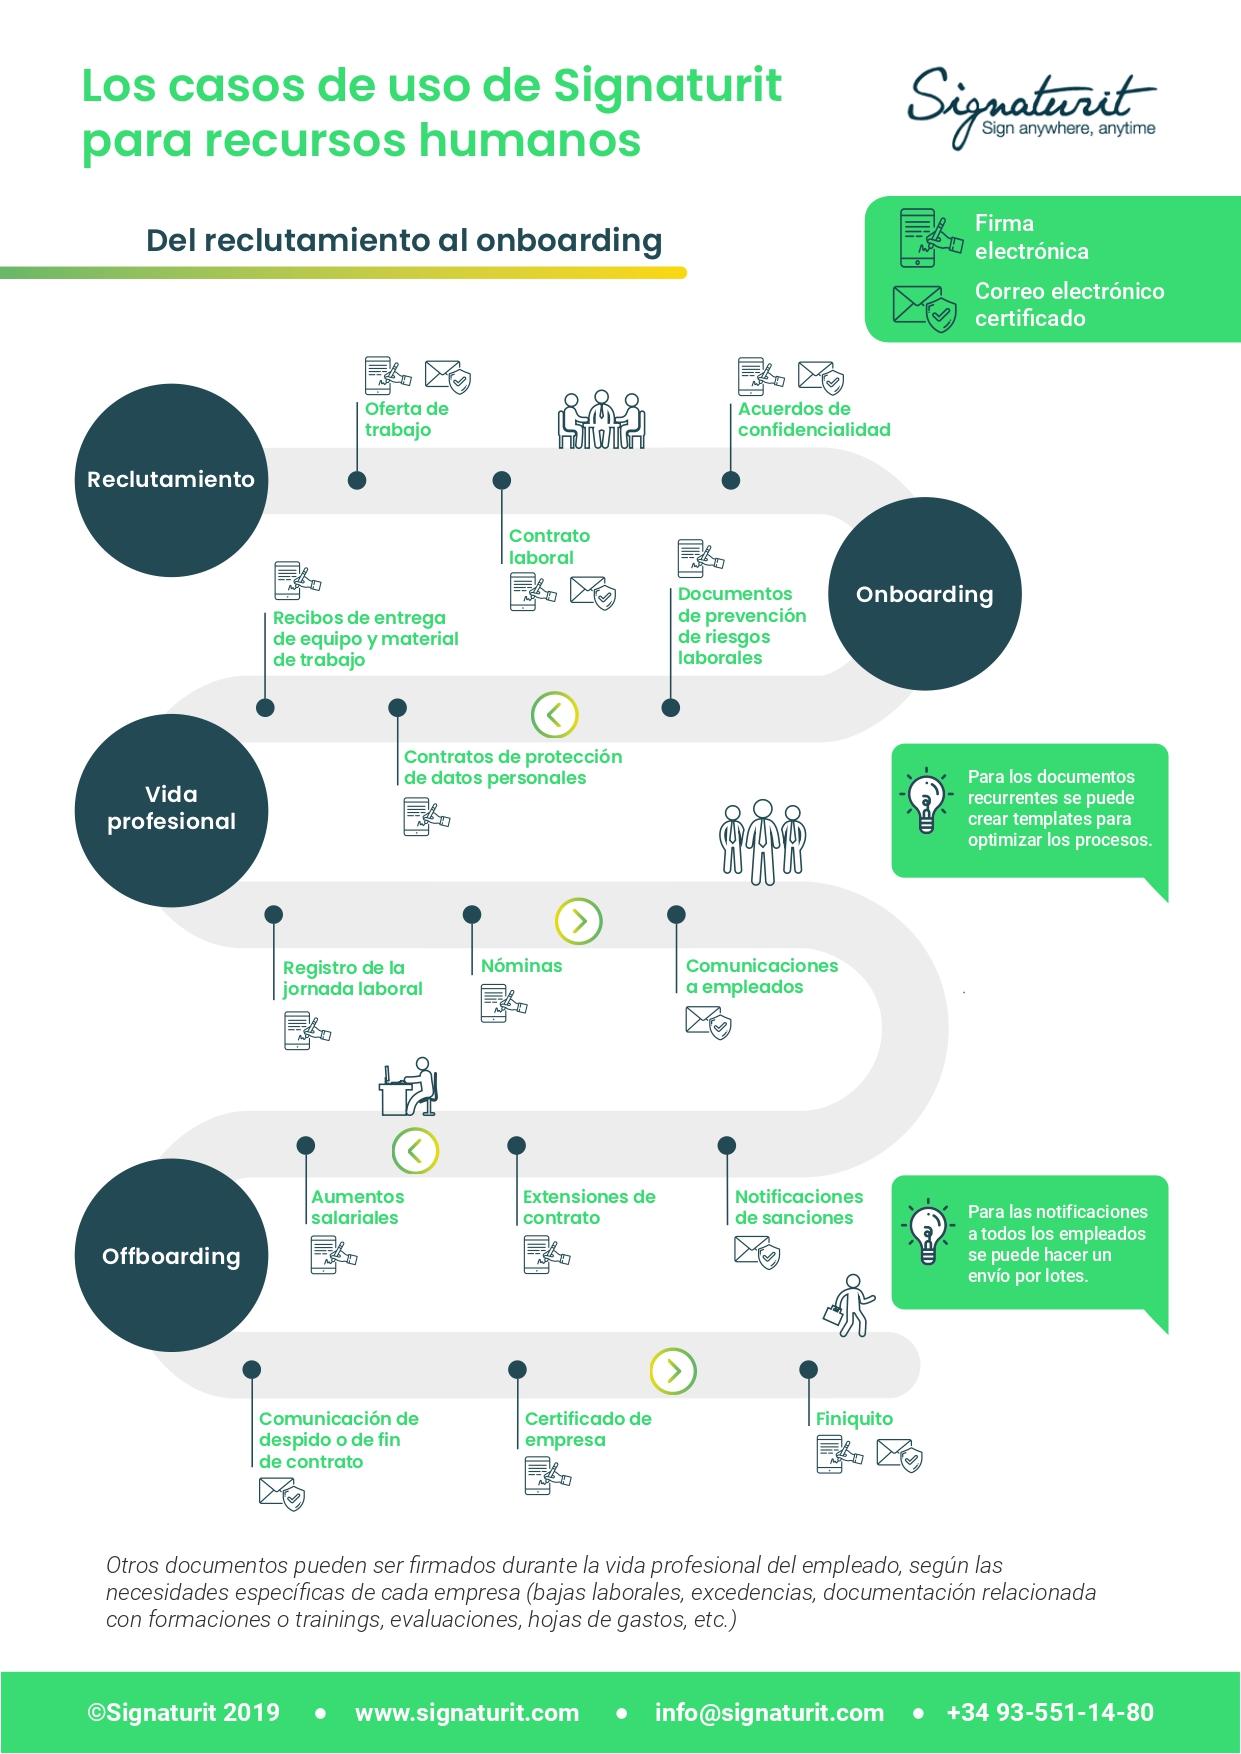 infografía_1_Los casos de uso de Signaturit para RRHH_HR_page-0001